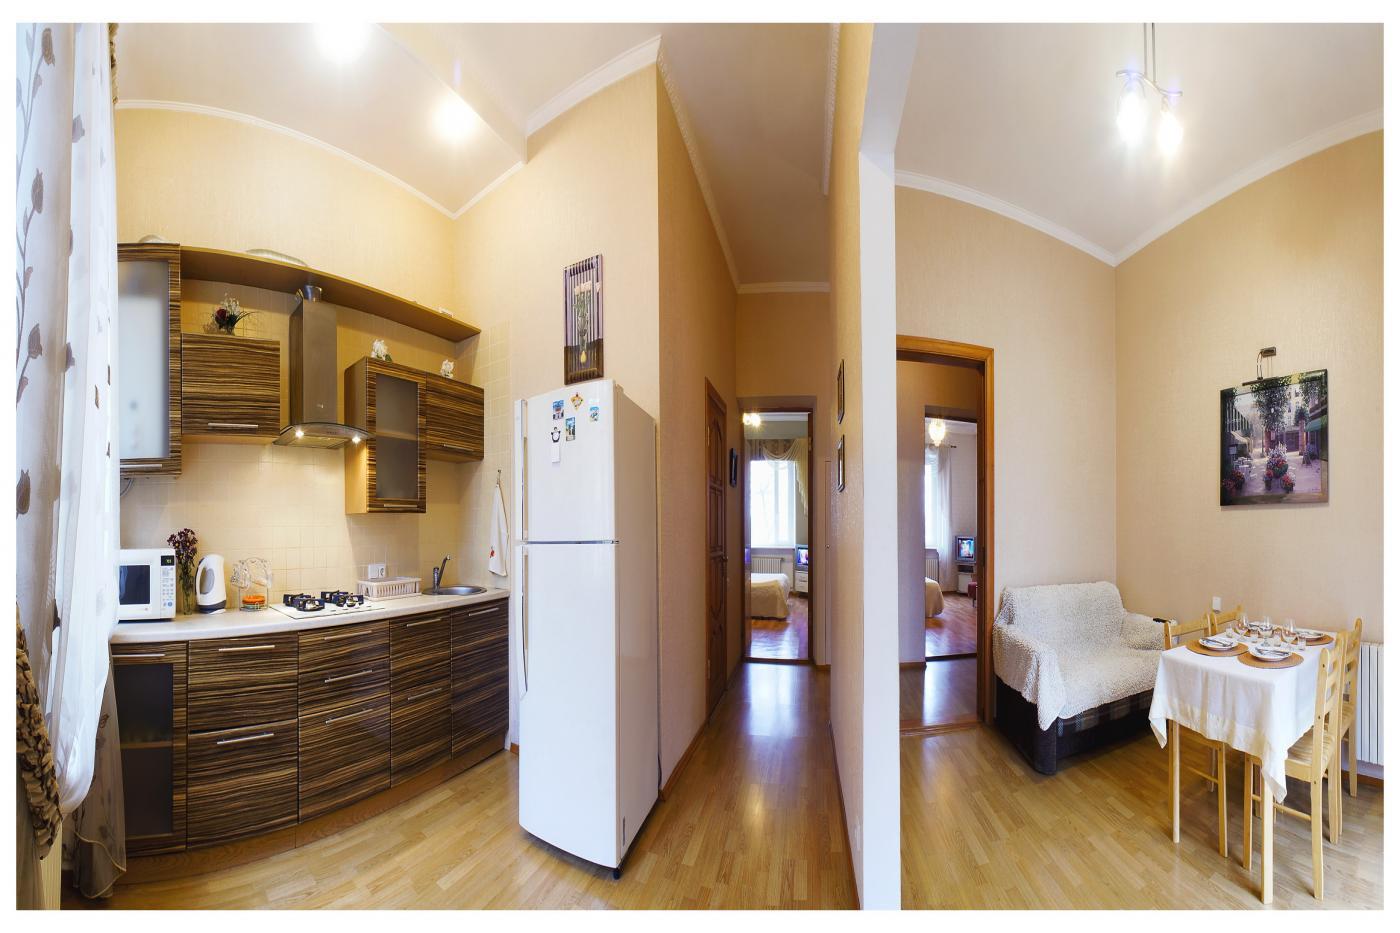 3-комнатная квартира посуточно (вариант № 1590), ул. Ленина улица, фото № 8